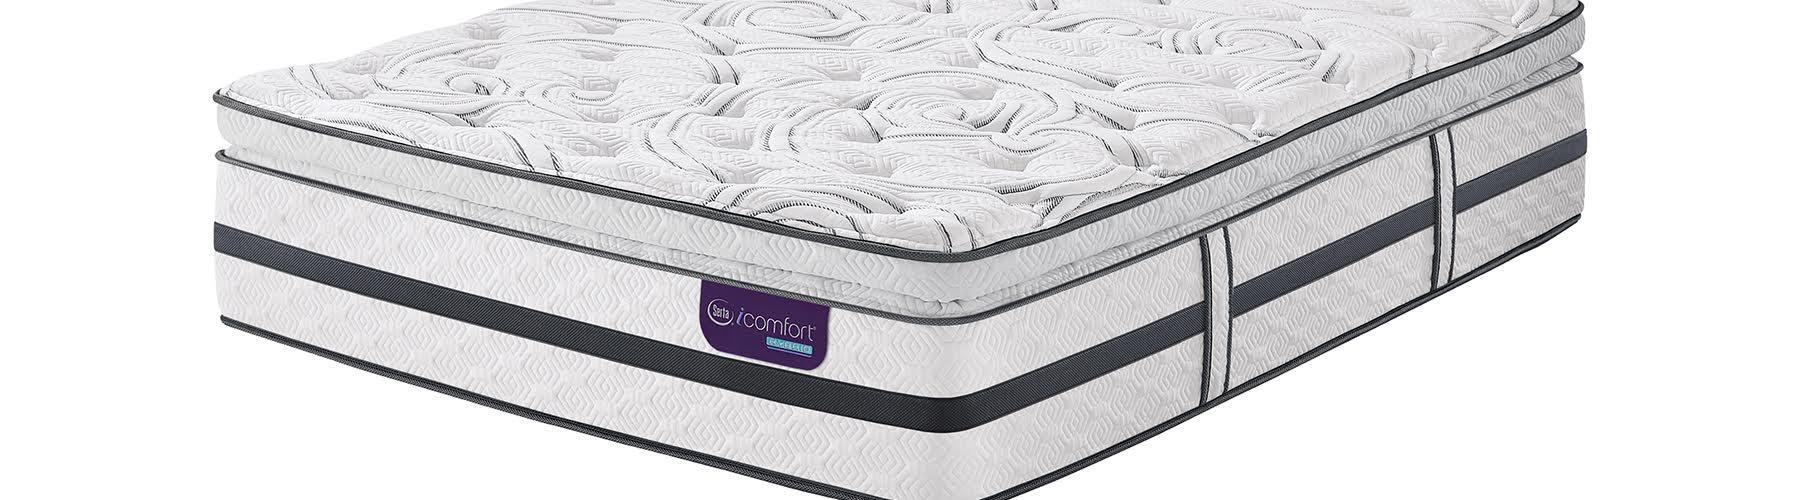 Serta Icomfort Hybrid Sleep System